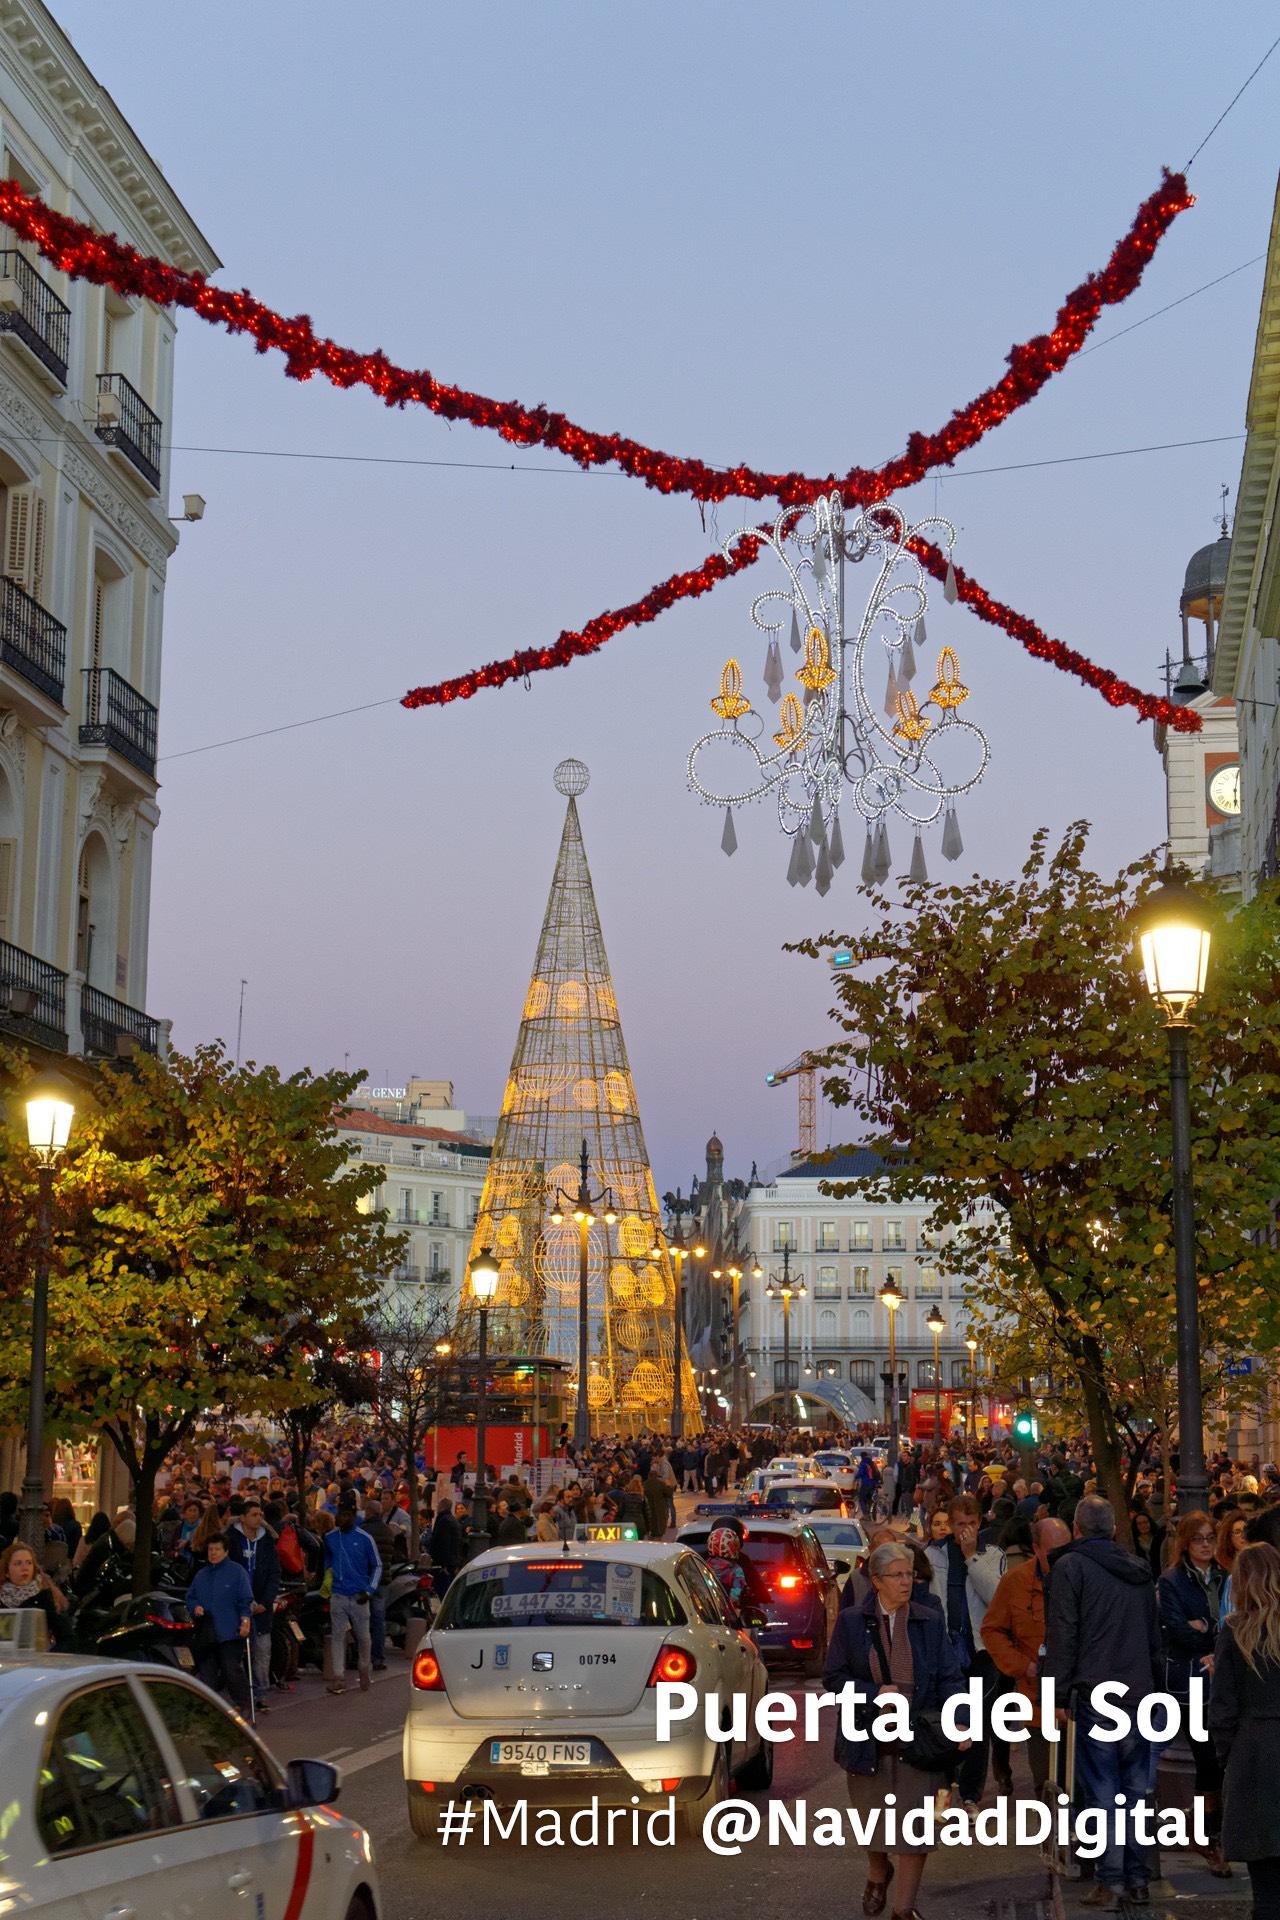 Especial navidad madrid 2015 2016 el blog de navidad digital for Centro oftalmologico puerta del sol